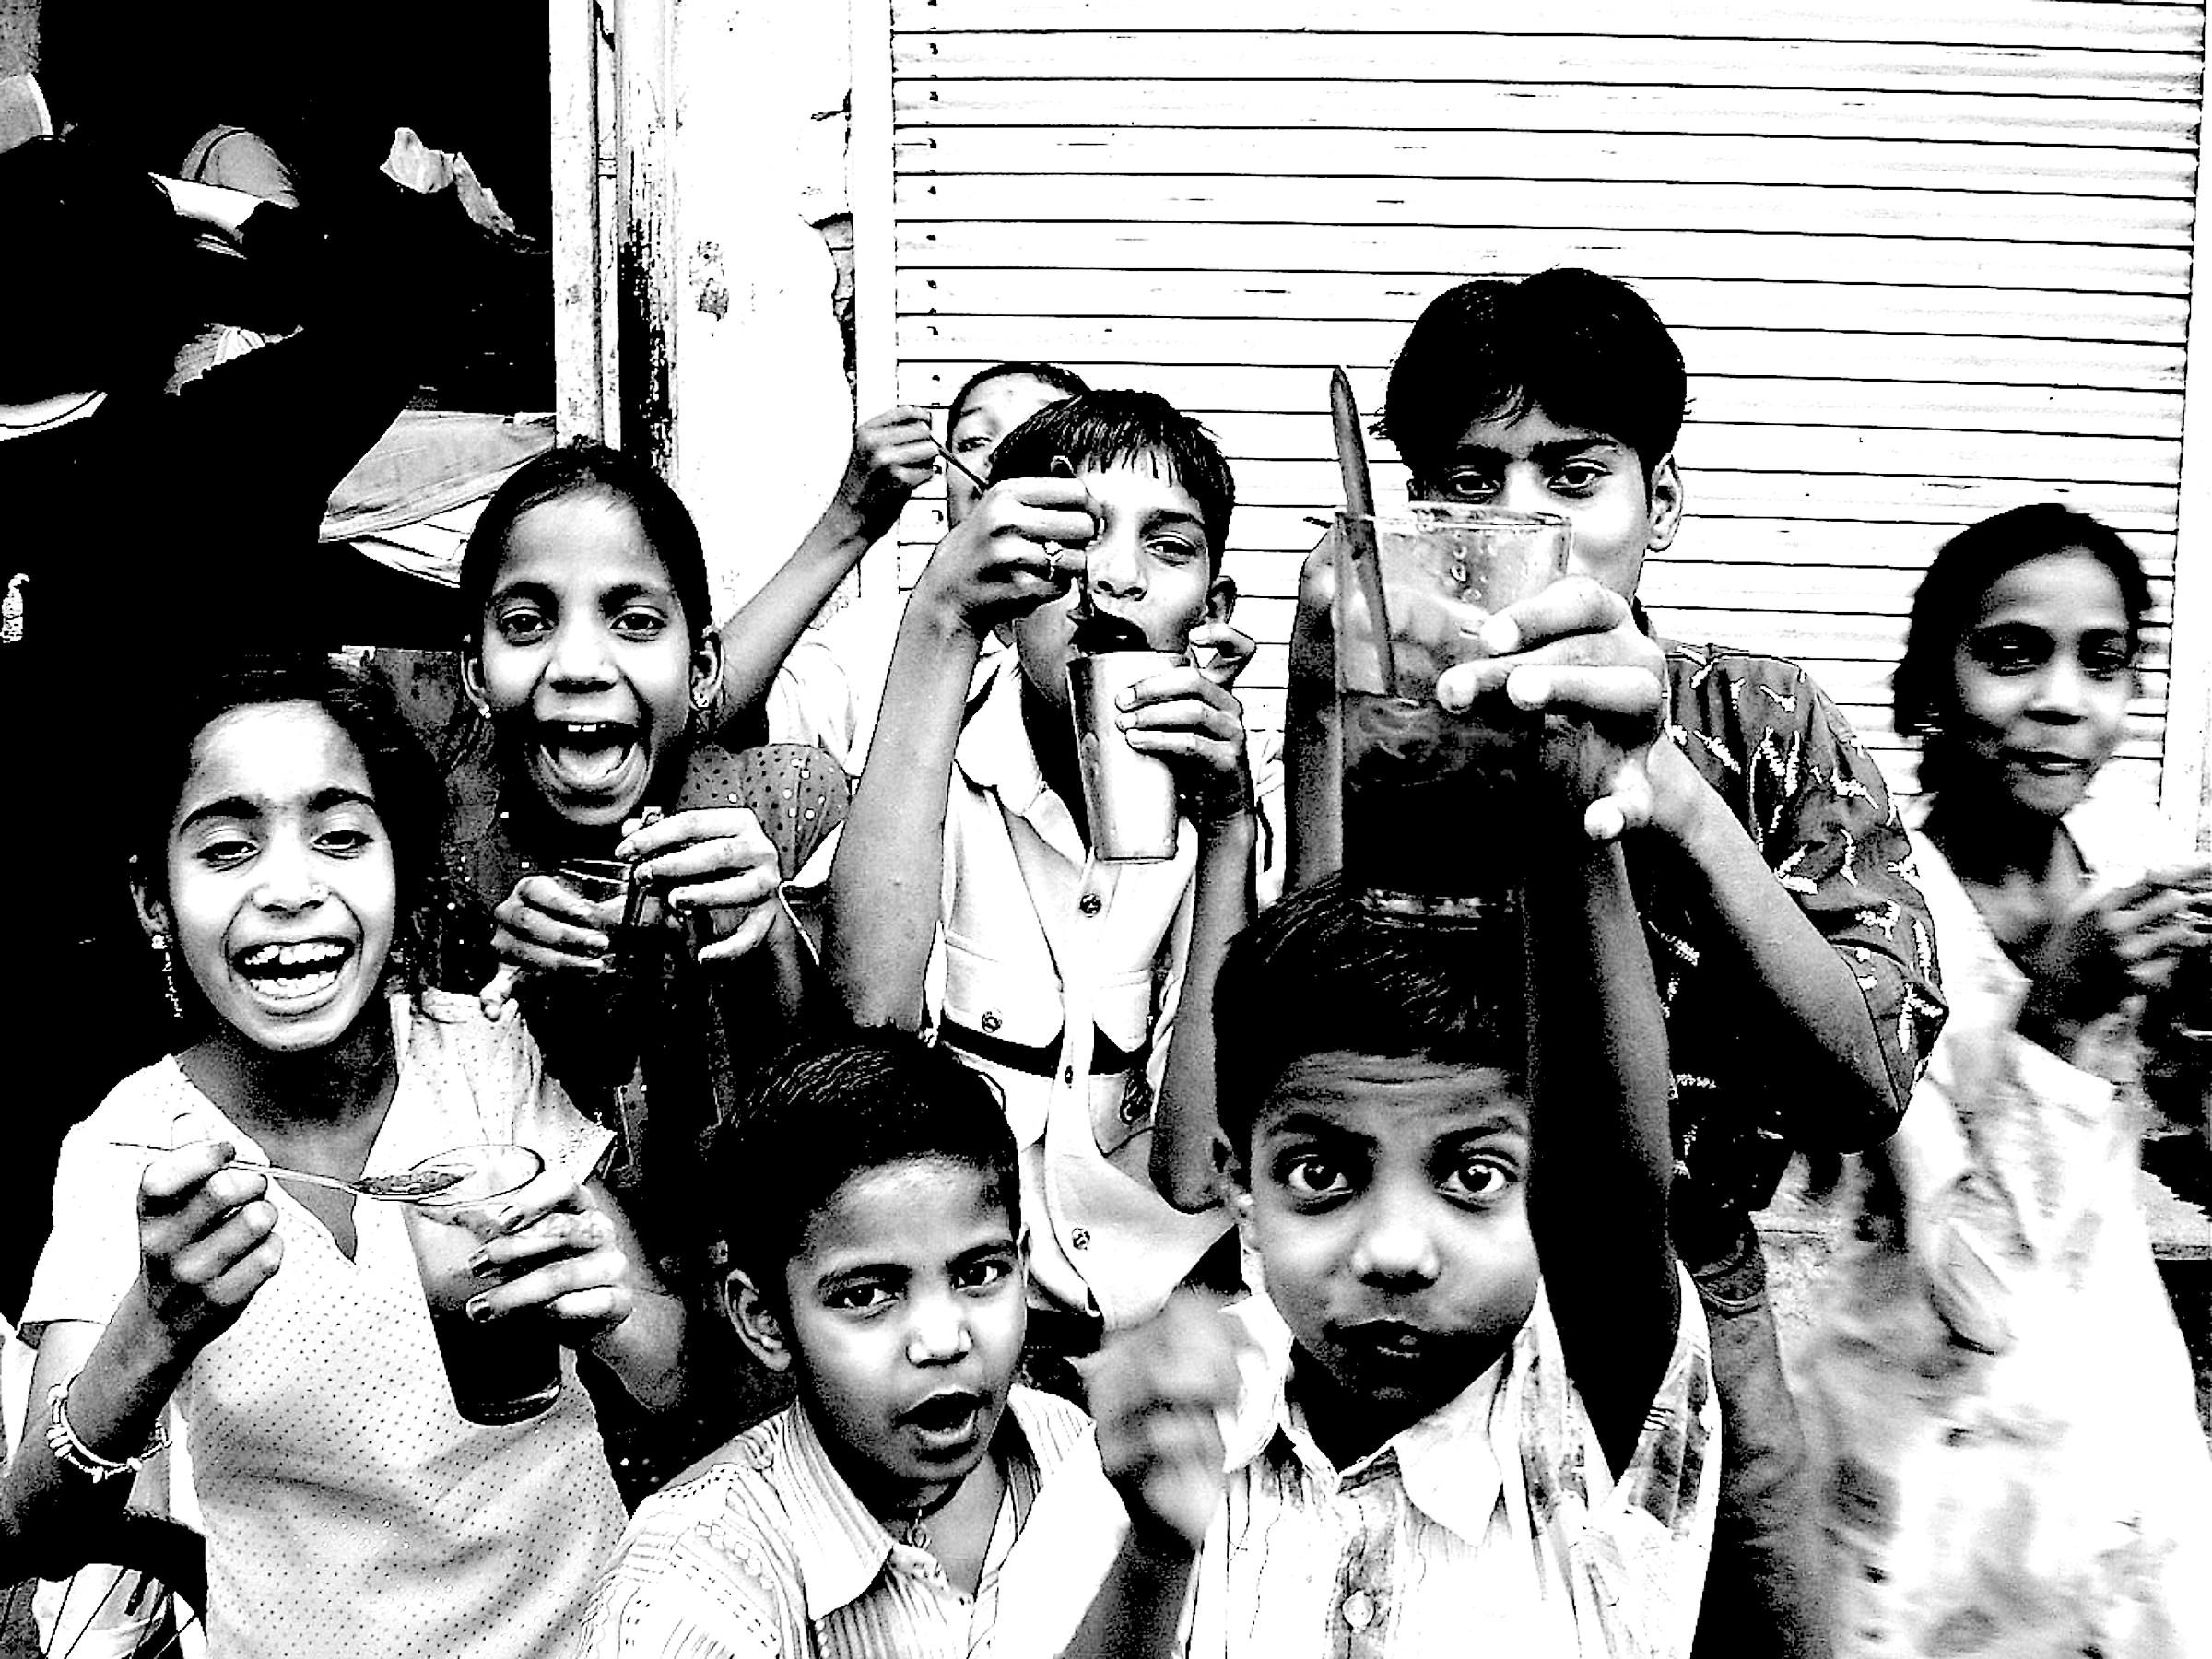 The simple joy of Indian children Rajastan...